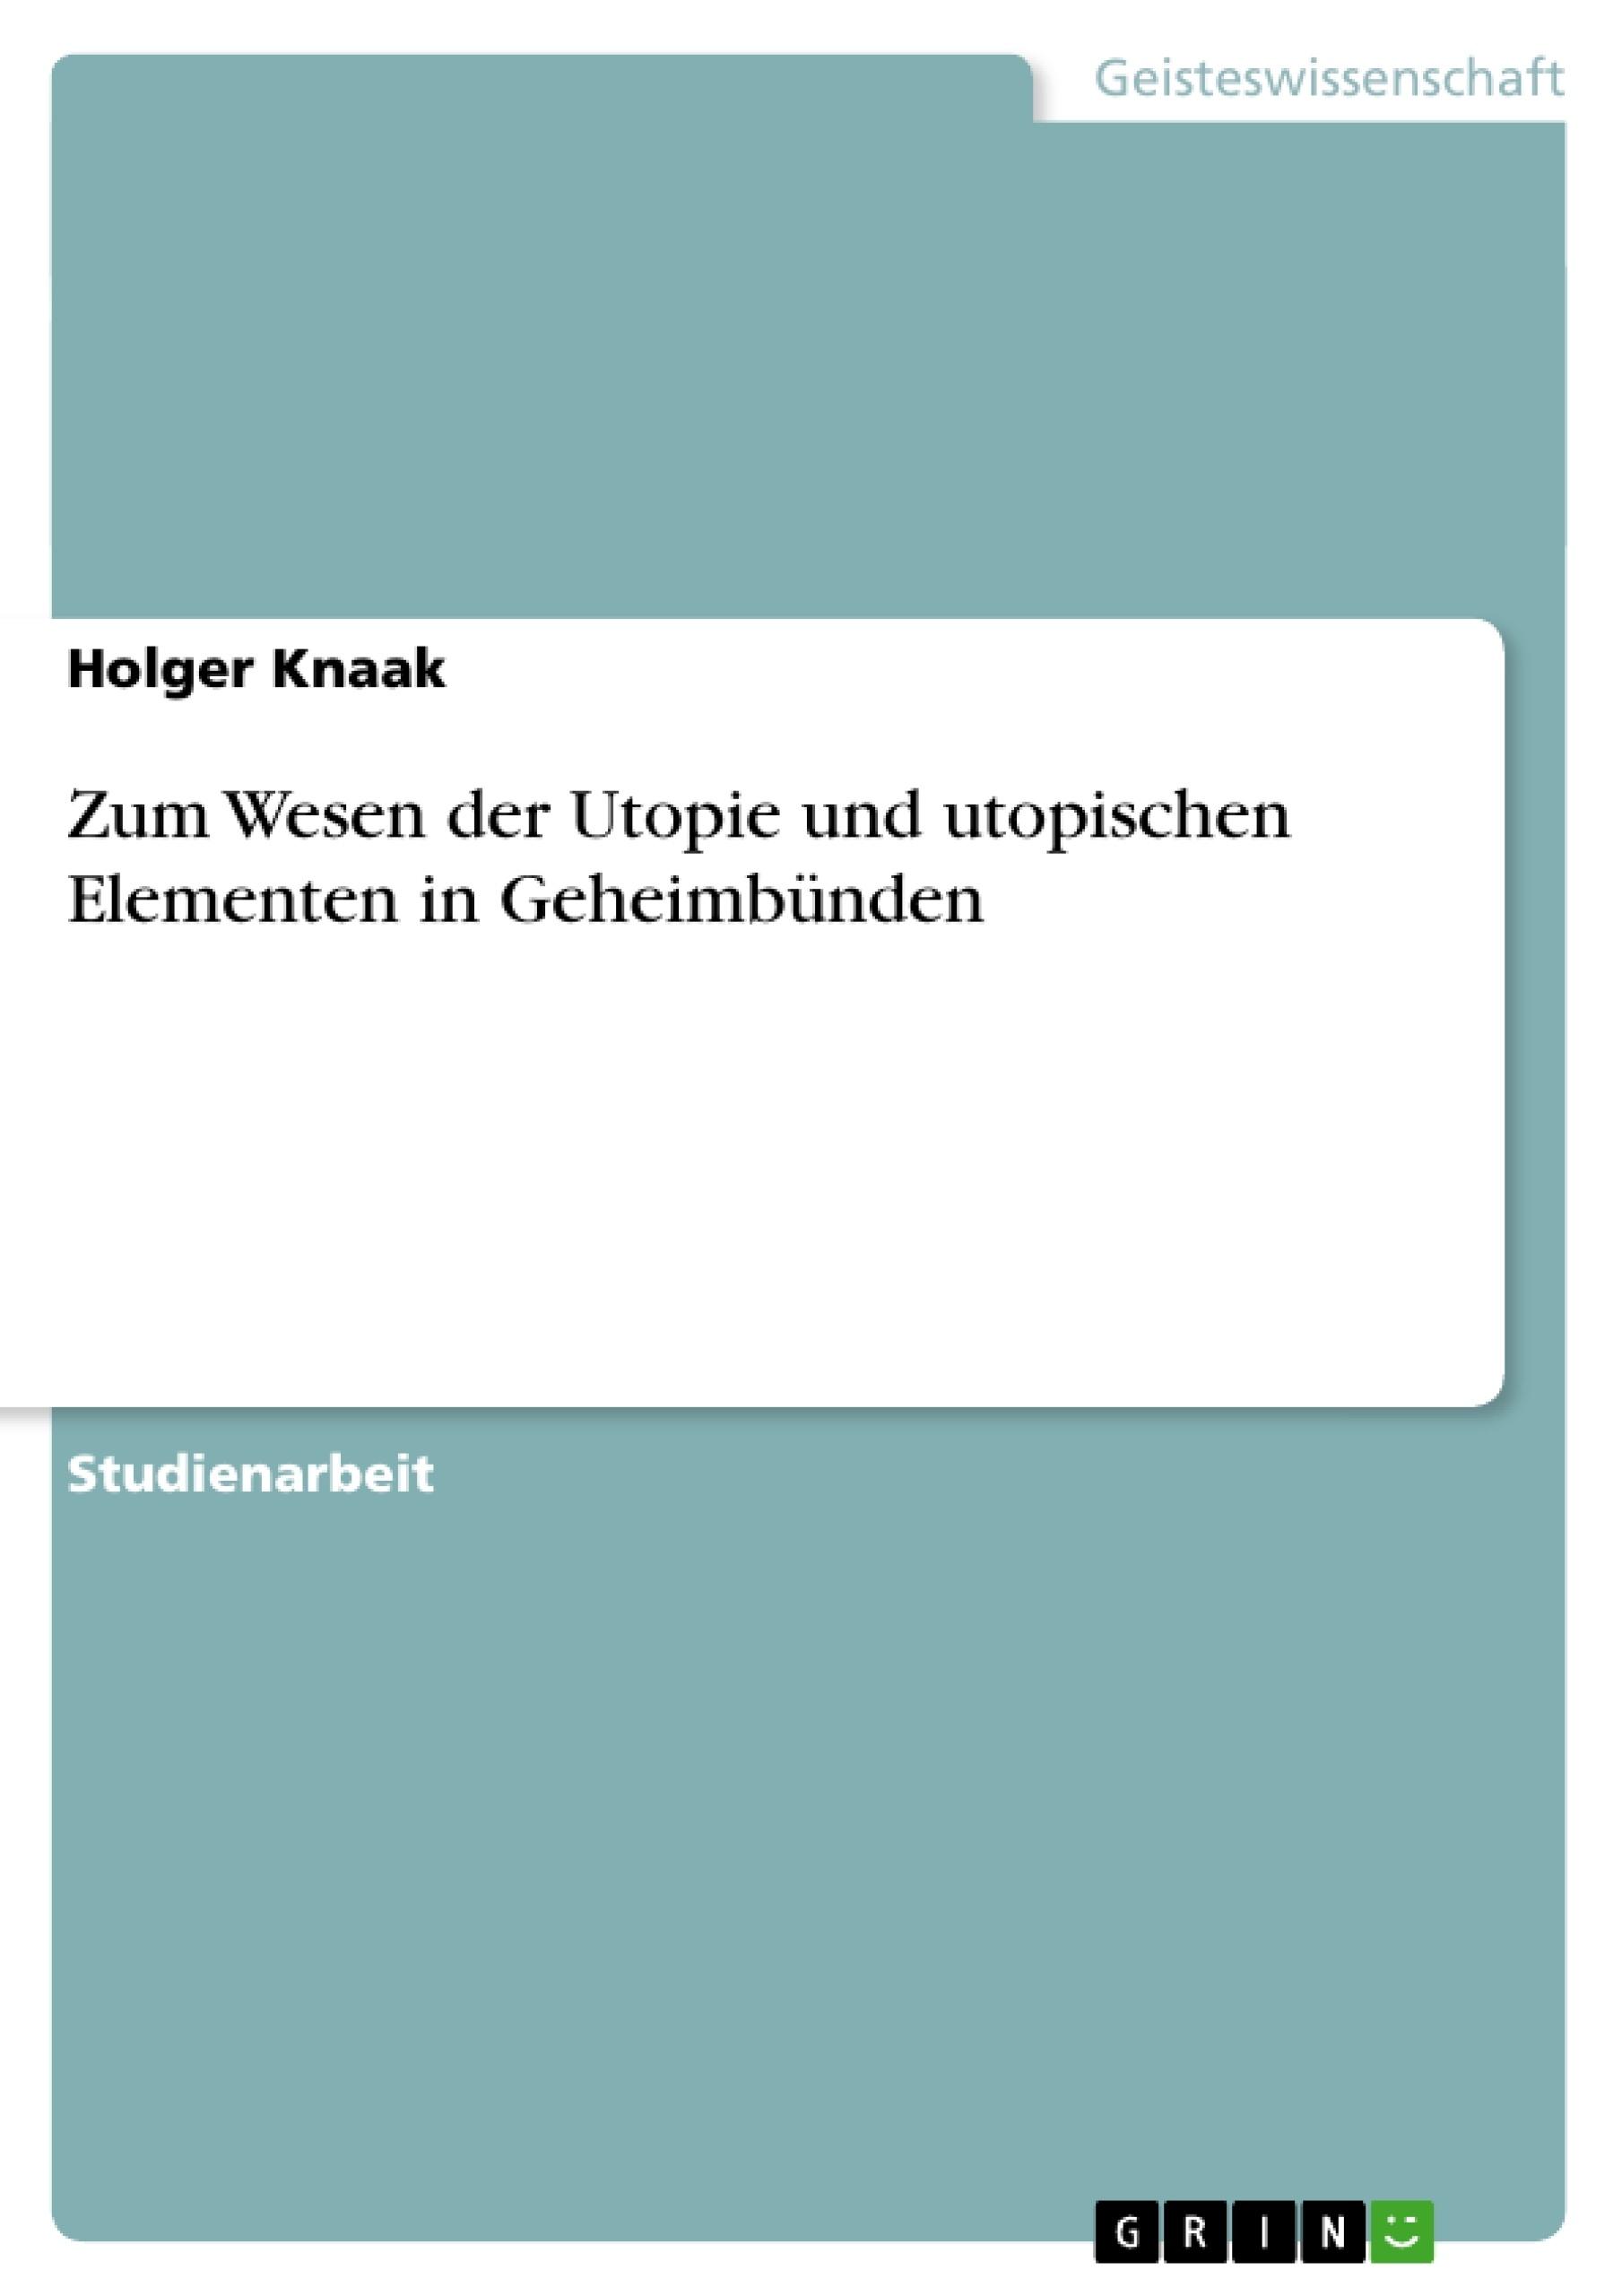 Titel: Zum Wesen der Utopie und utopischen Elementen in Geheimbünden